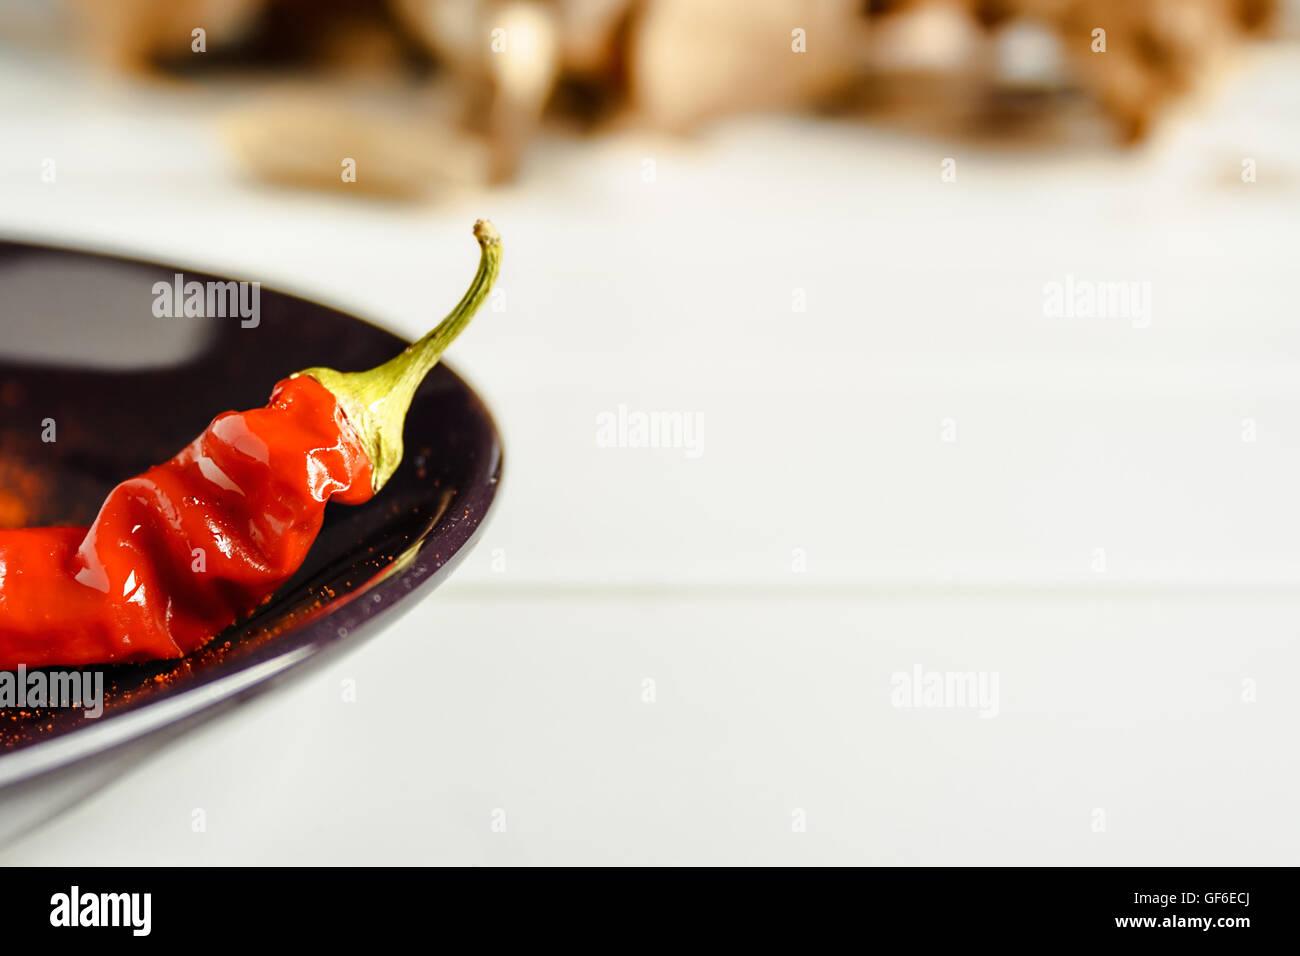 Primo piano il pepe rosso sul piatto marrone su legno bianco. L'immagine orizzontale. Foto Stock